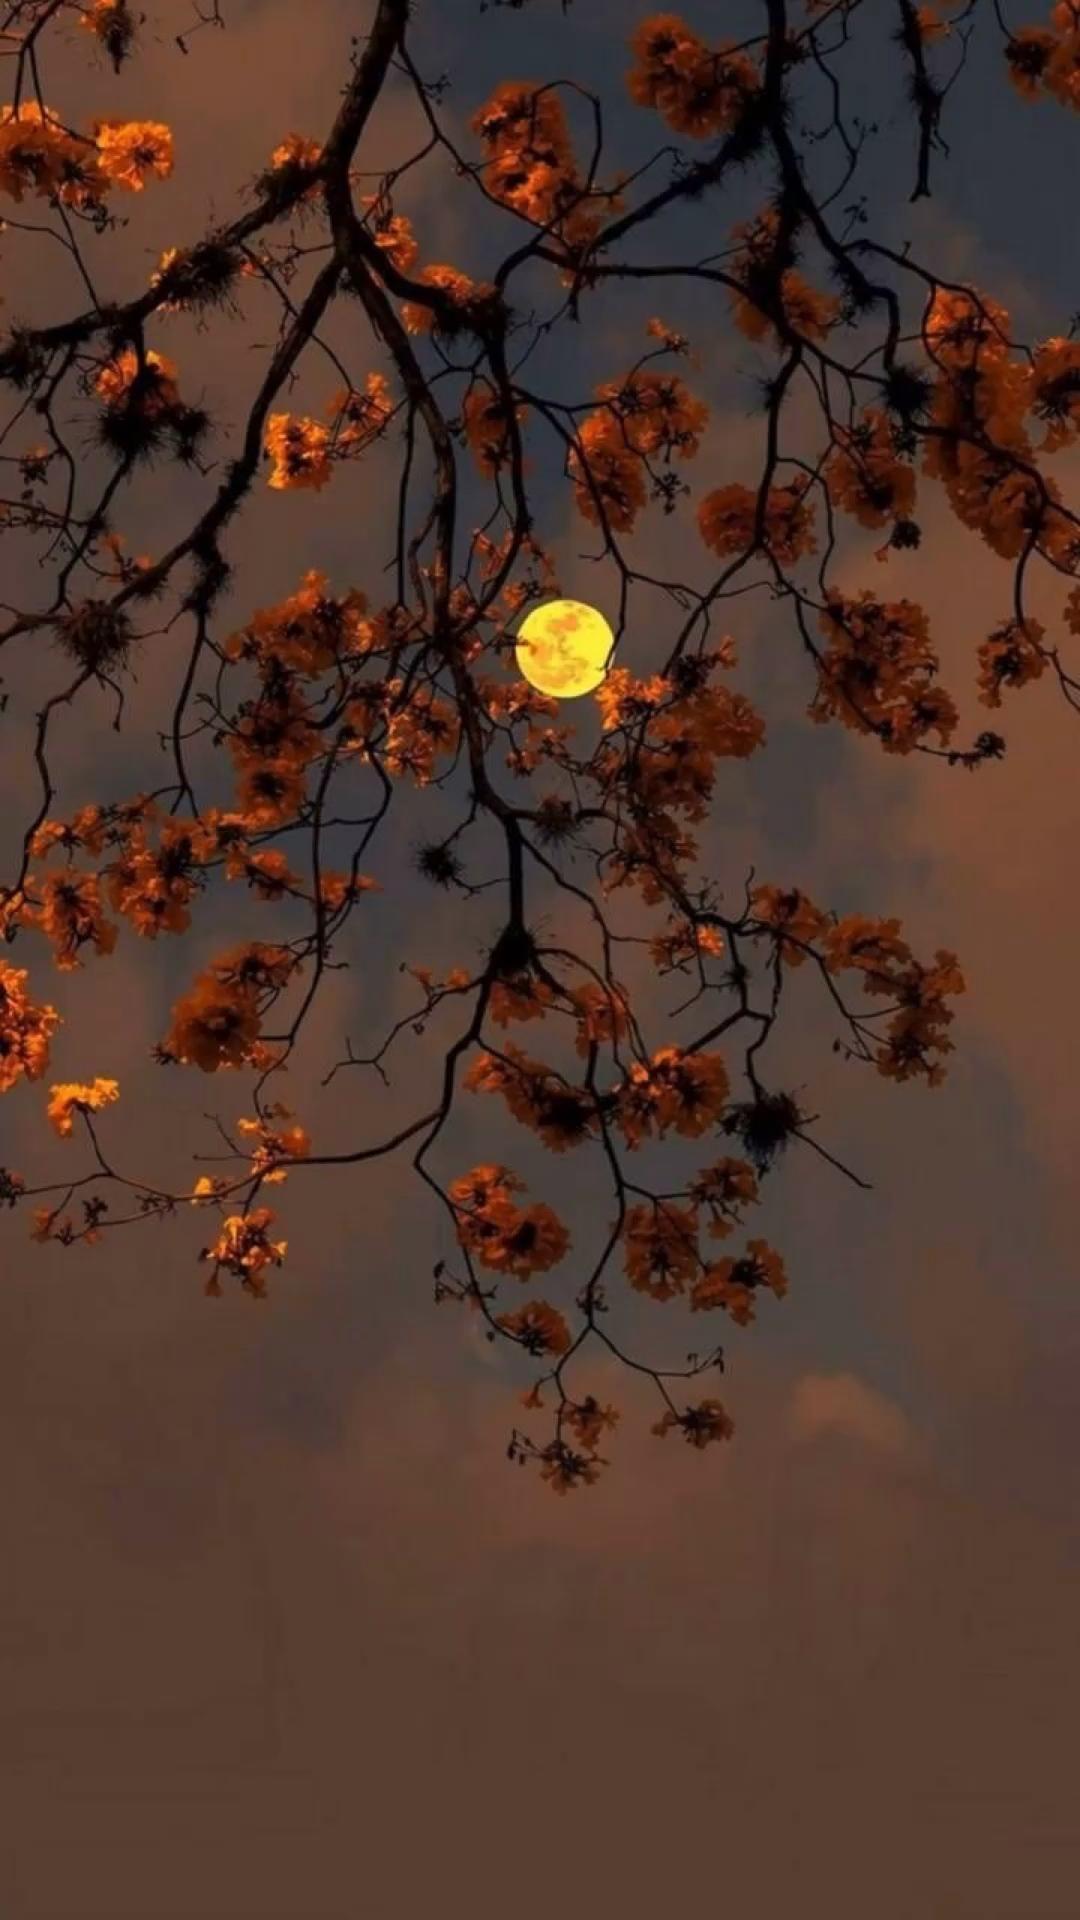 Lua | Fases da Lua | Lua Vermelha | Moon | Paisagens | Wallpaper | Papel de Parede